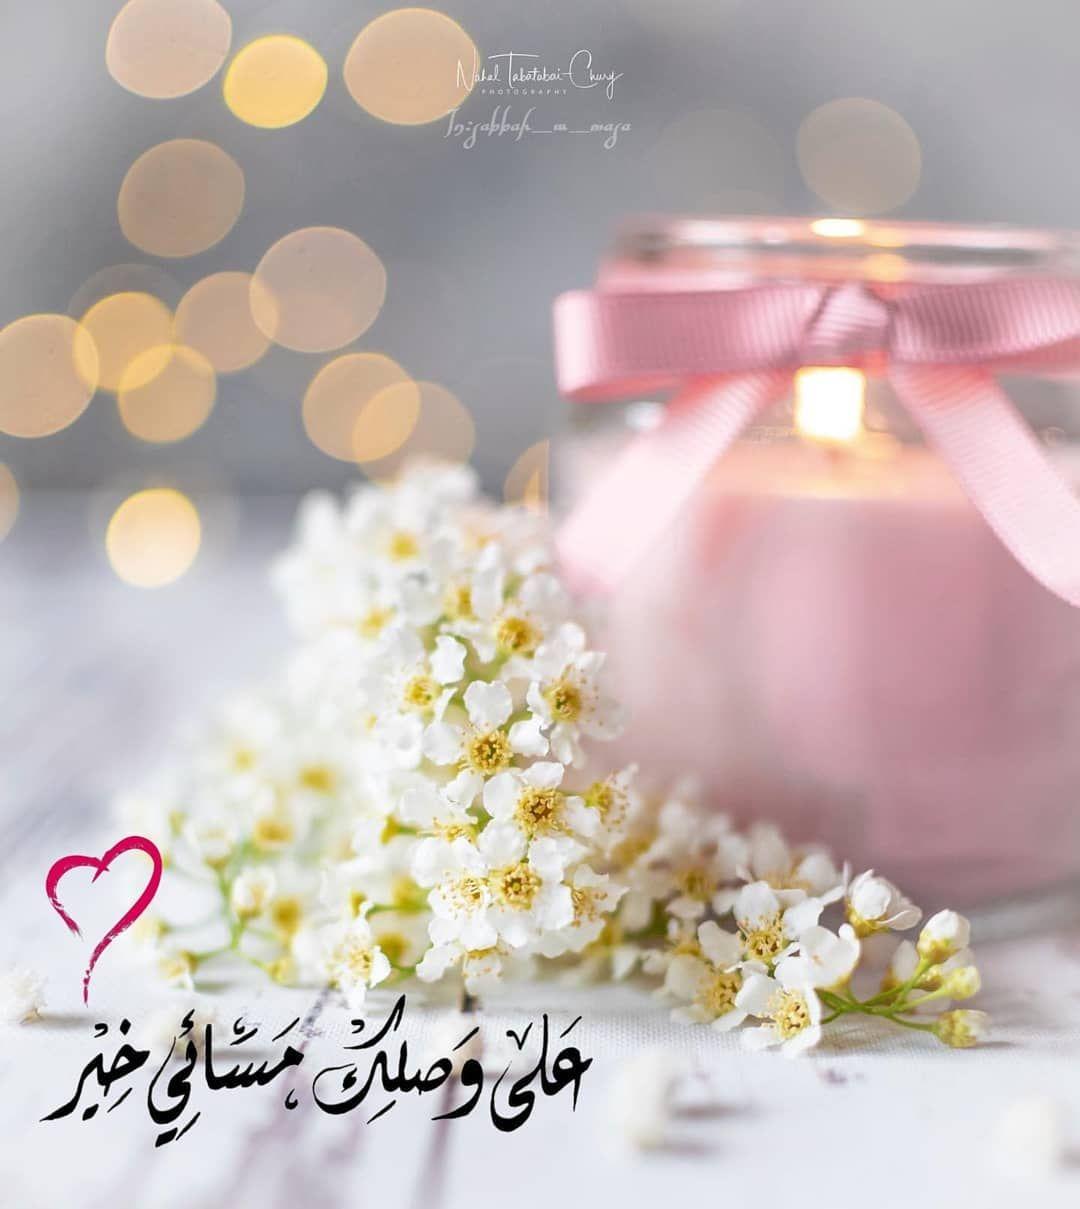 صبح و مساء Sabbah W Masa Posted On Instagram مساء الخيرات والمسرات مساء الو Morning Greeting Morning Images Beautiful Words